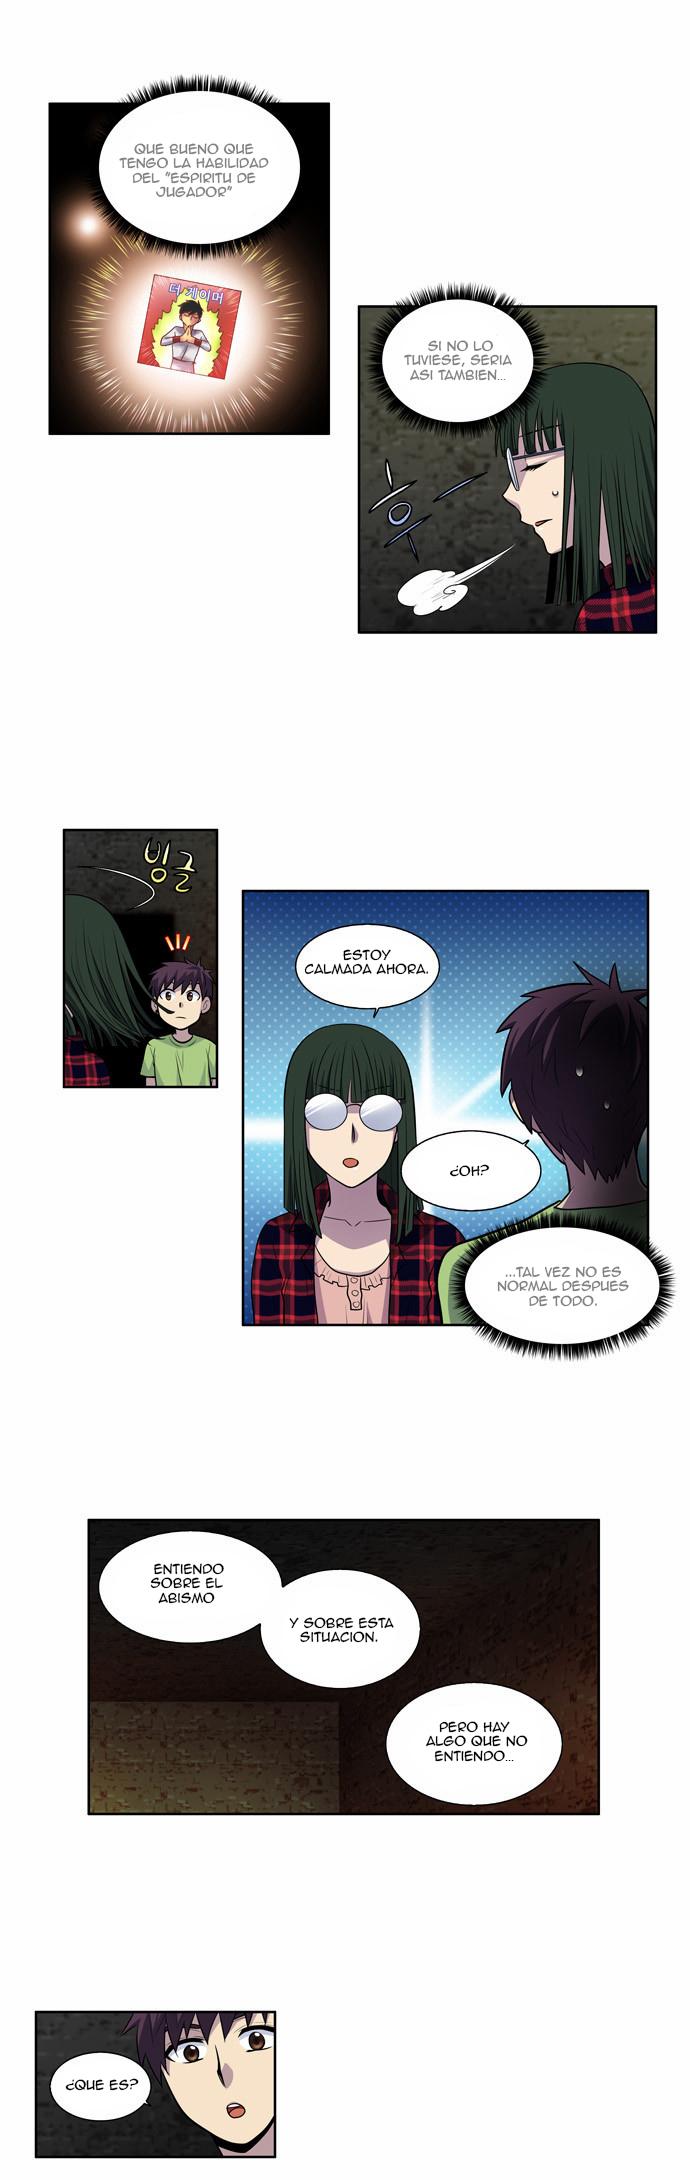 http://c5.ninemanga.com/es_manga/61/1725/420675/1b9cf5b29f7132a24df101df5f8d184e.jpg Page 3